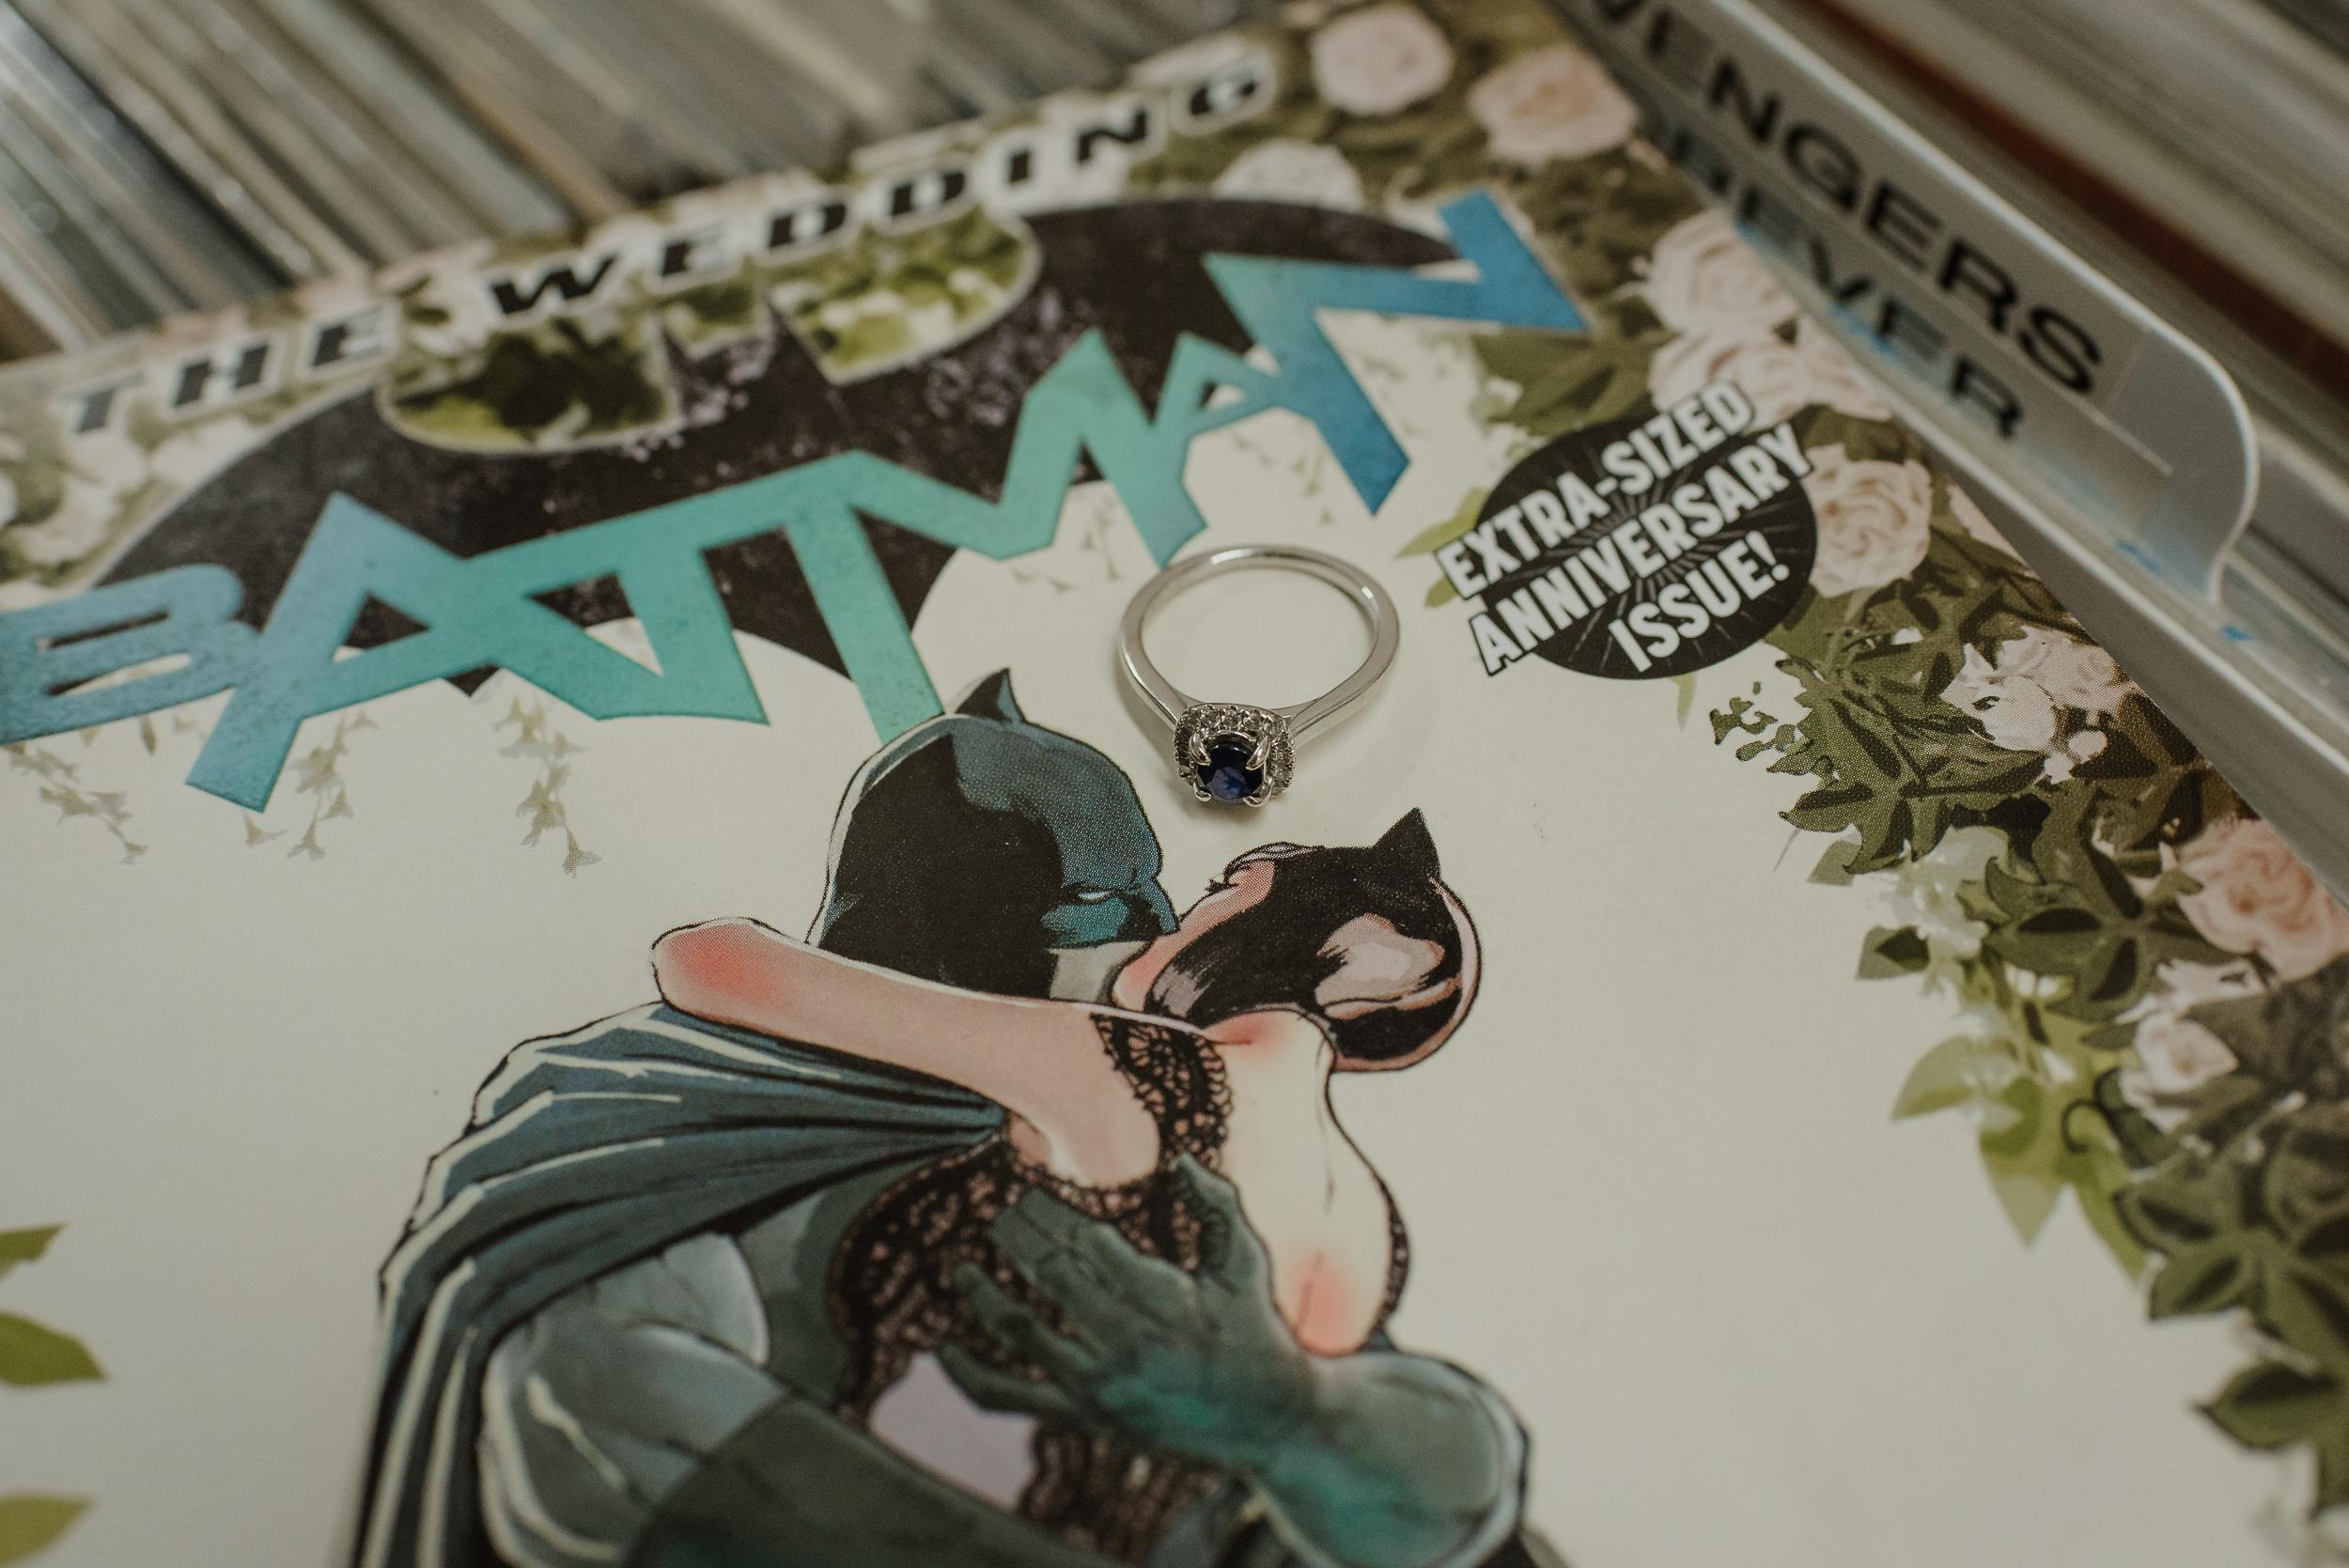 san-francisco-comic-book-engagement-session-photographer-vivianchen-004.jpg